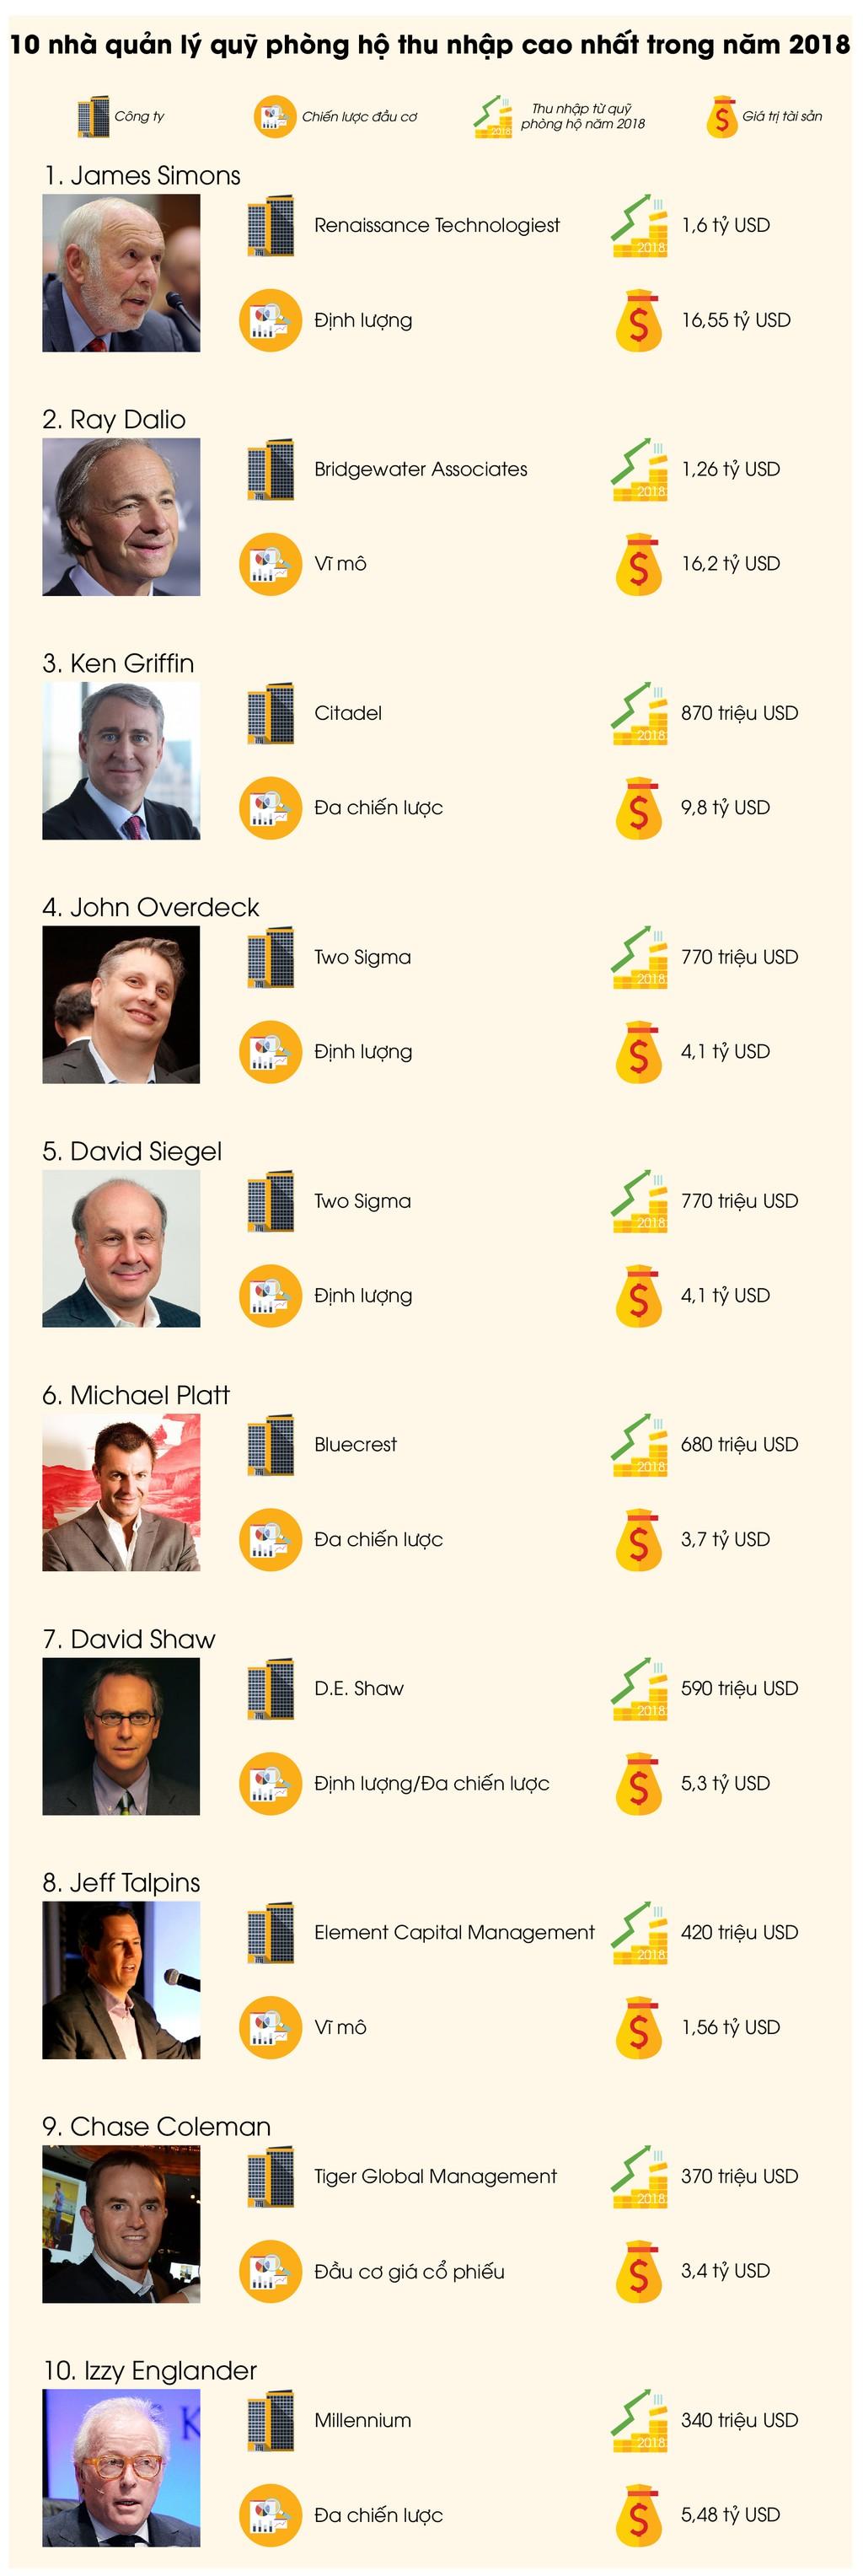 10 nhà quản lý quỹ phòng hộ có thu nhập cao nhất 2018  - ảnh 1